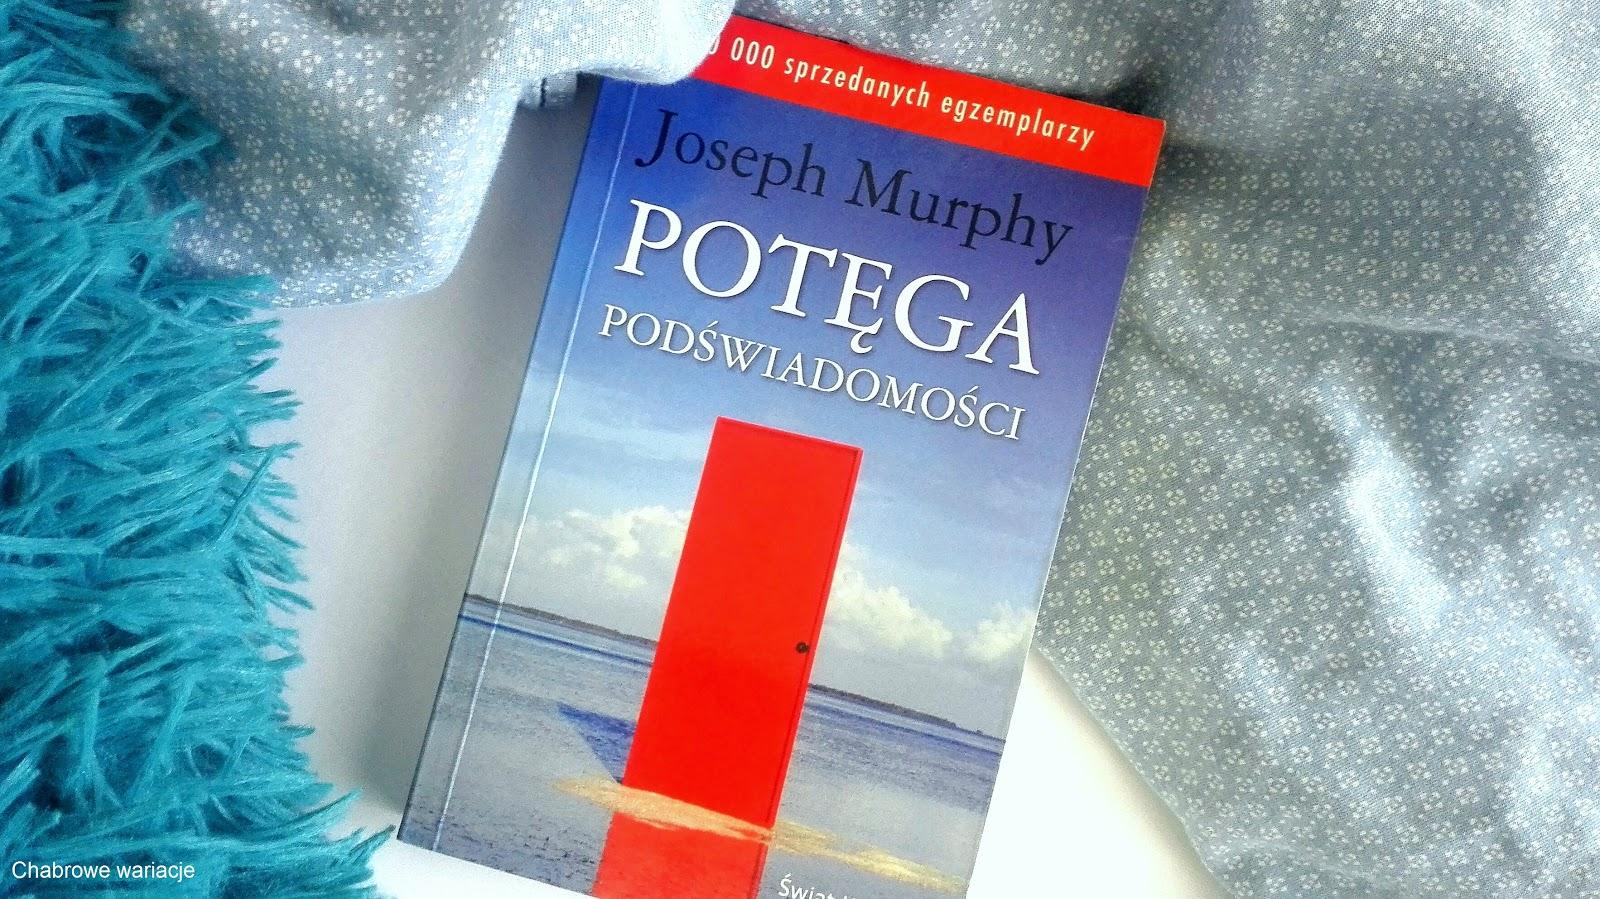 ,,Potęga podświadomości''- Joseph Murphy. Czy warto przeczytać?- zdecyduj sam.